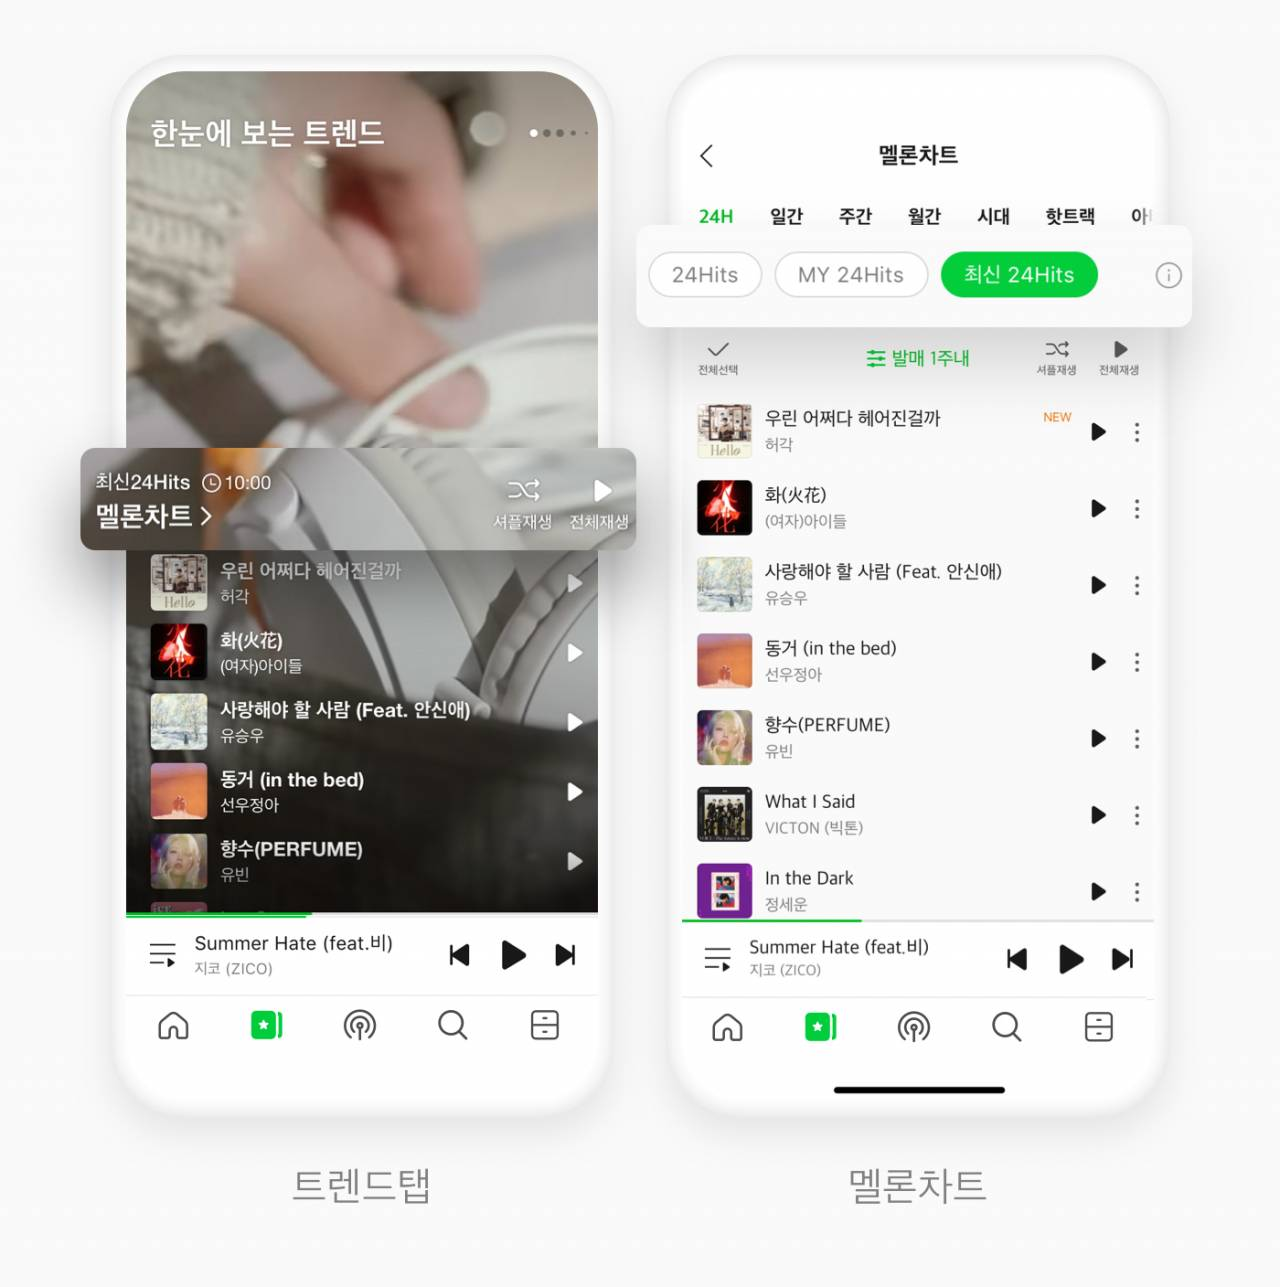 멜론,'신규 발매된 인기 음악' 중심 차트 신설…'최신 24Hits' | 인스티즈